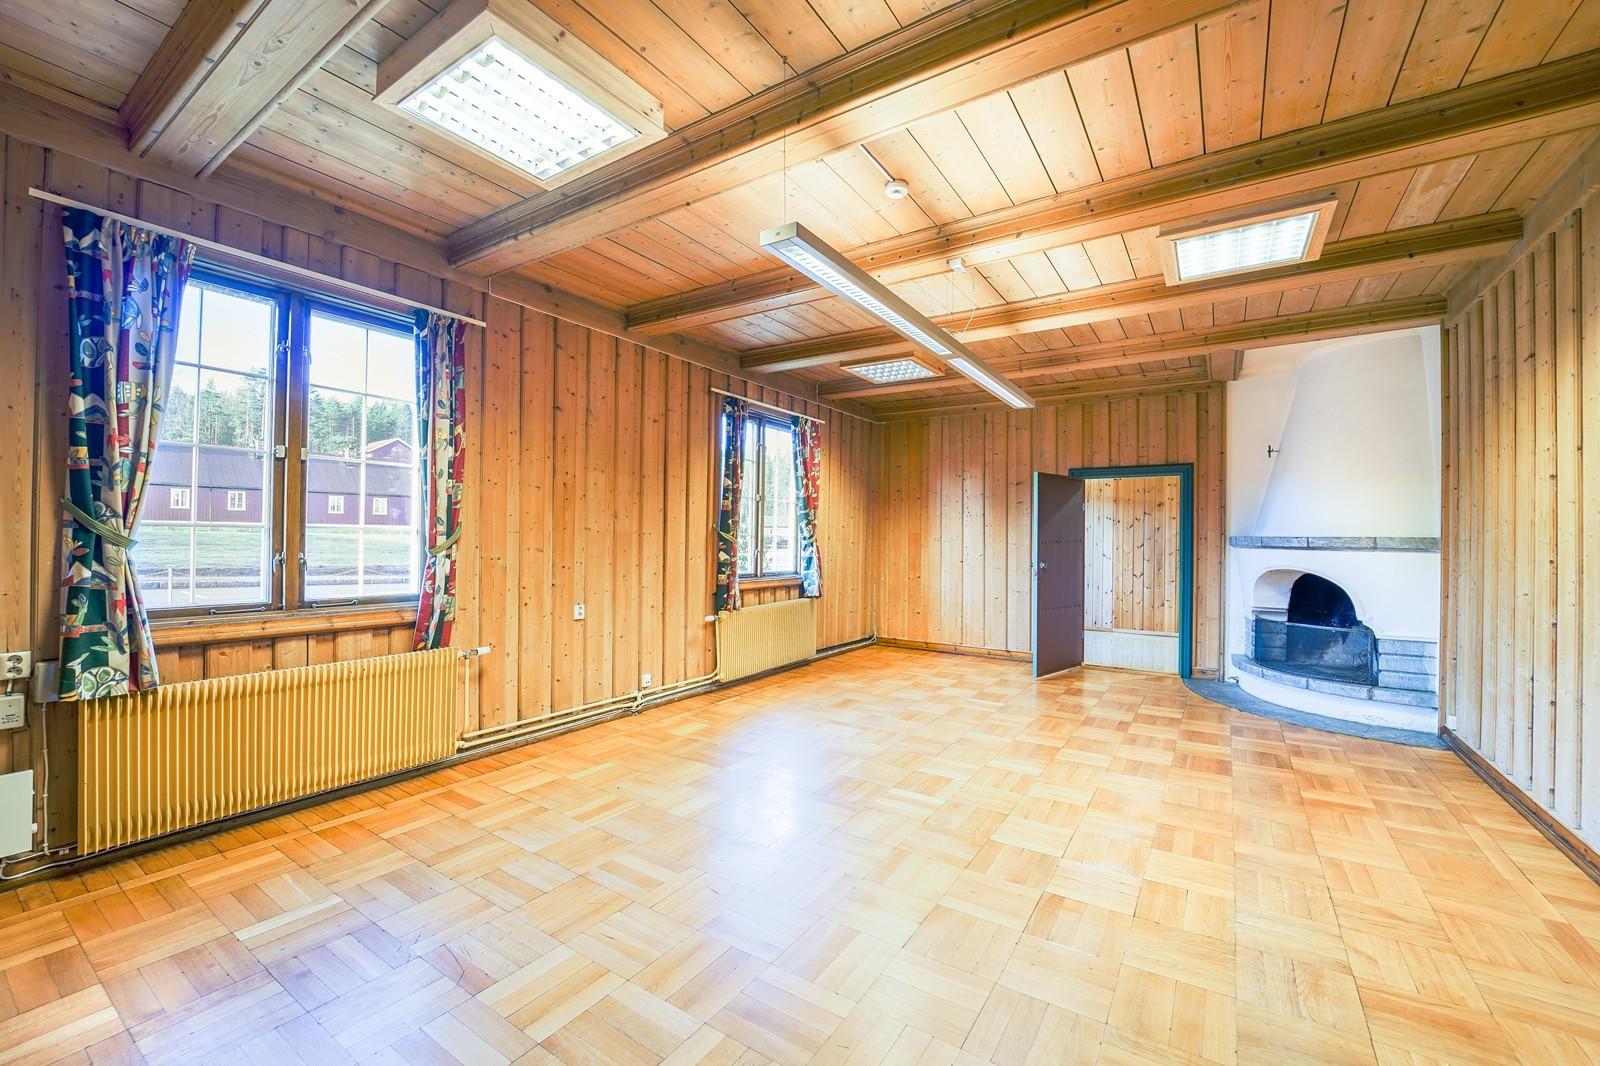 I et av kontorene er det en peis, rommet kan brukes som møterom m.m.